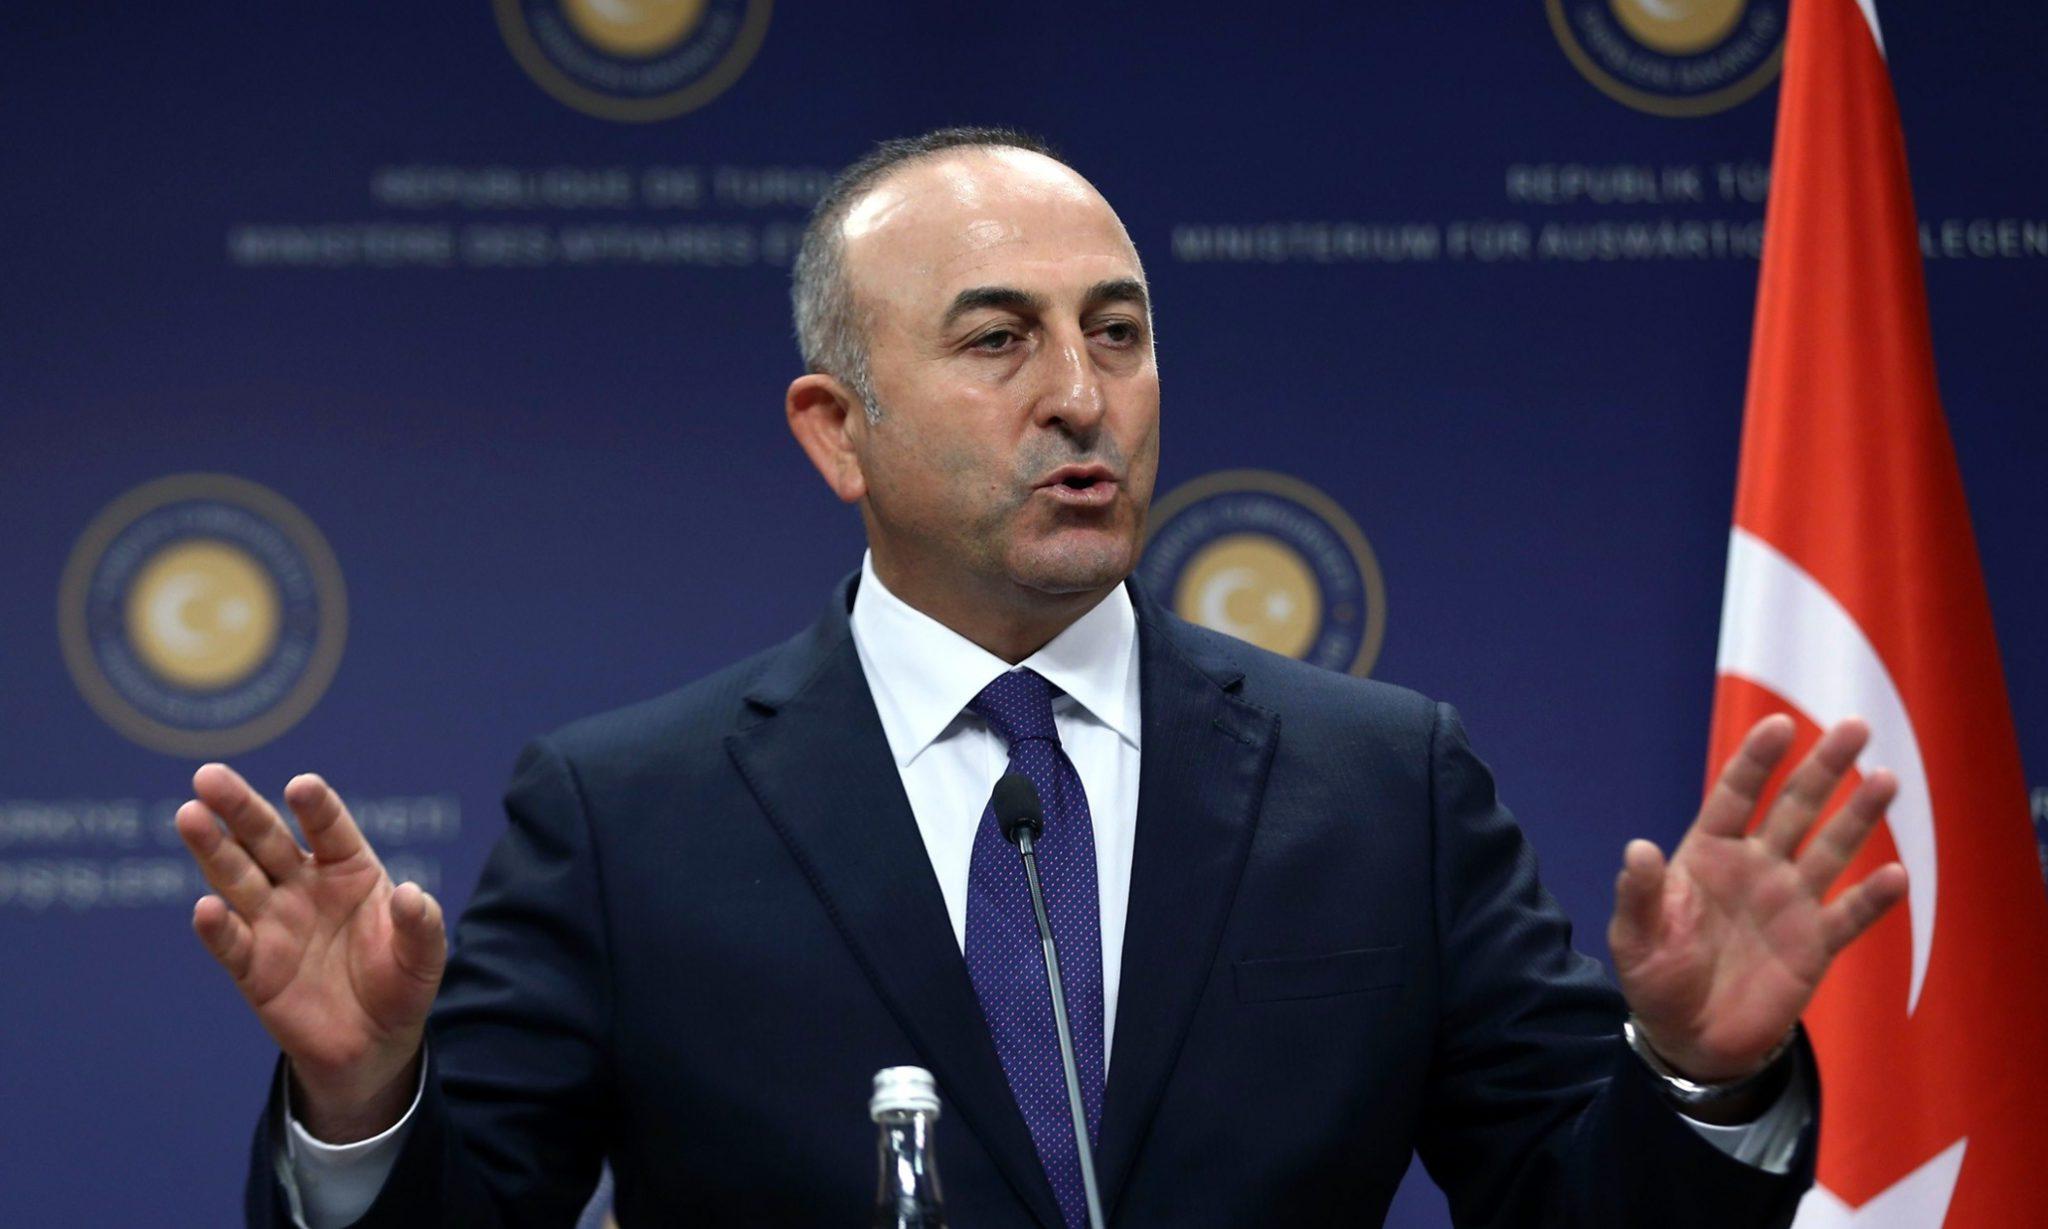 Türkiyə xalqı ABŞ-ı dost və müttəfiqi hesab etmir